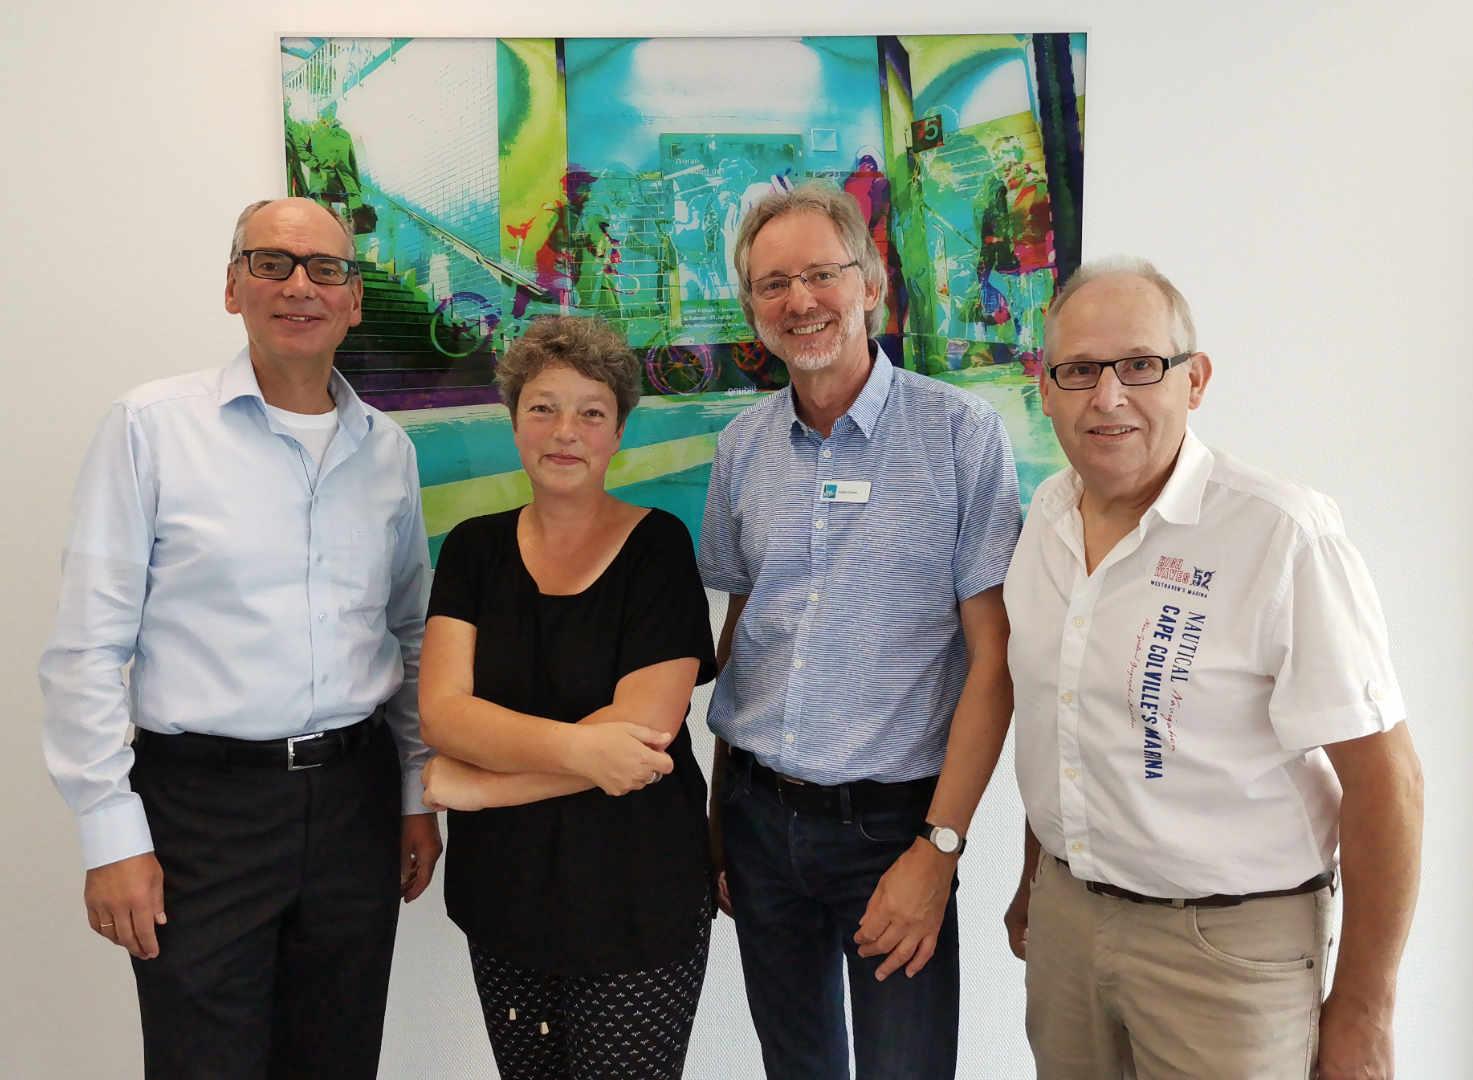 Von li.: Andreas Gögel, Hanna Naber, Achim Scholz, Ernst Lorenzen | Foto: Katharina Nordenbrock